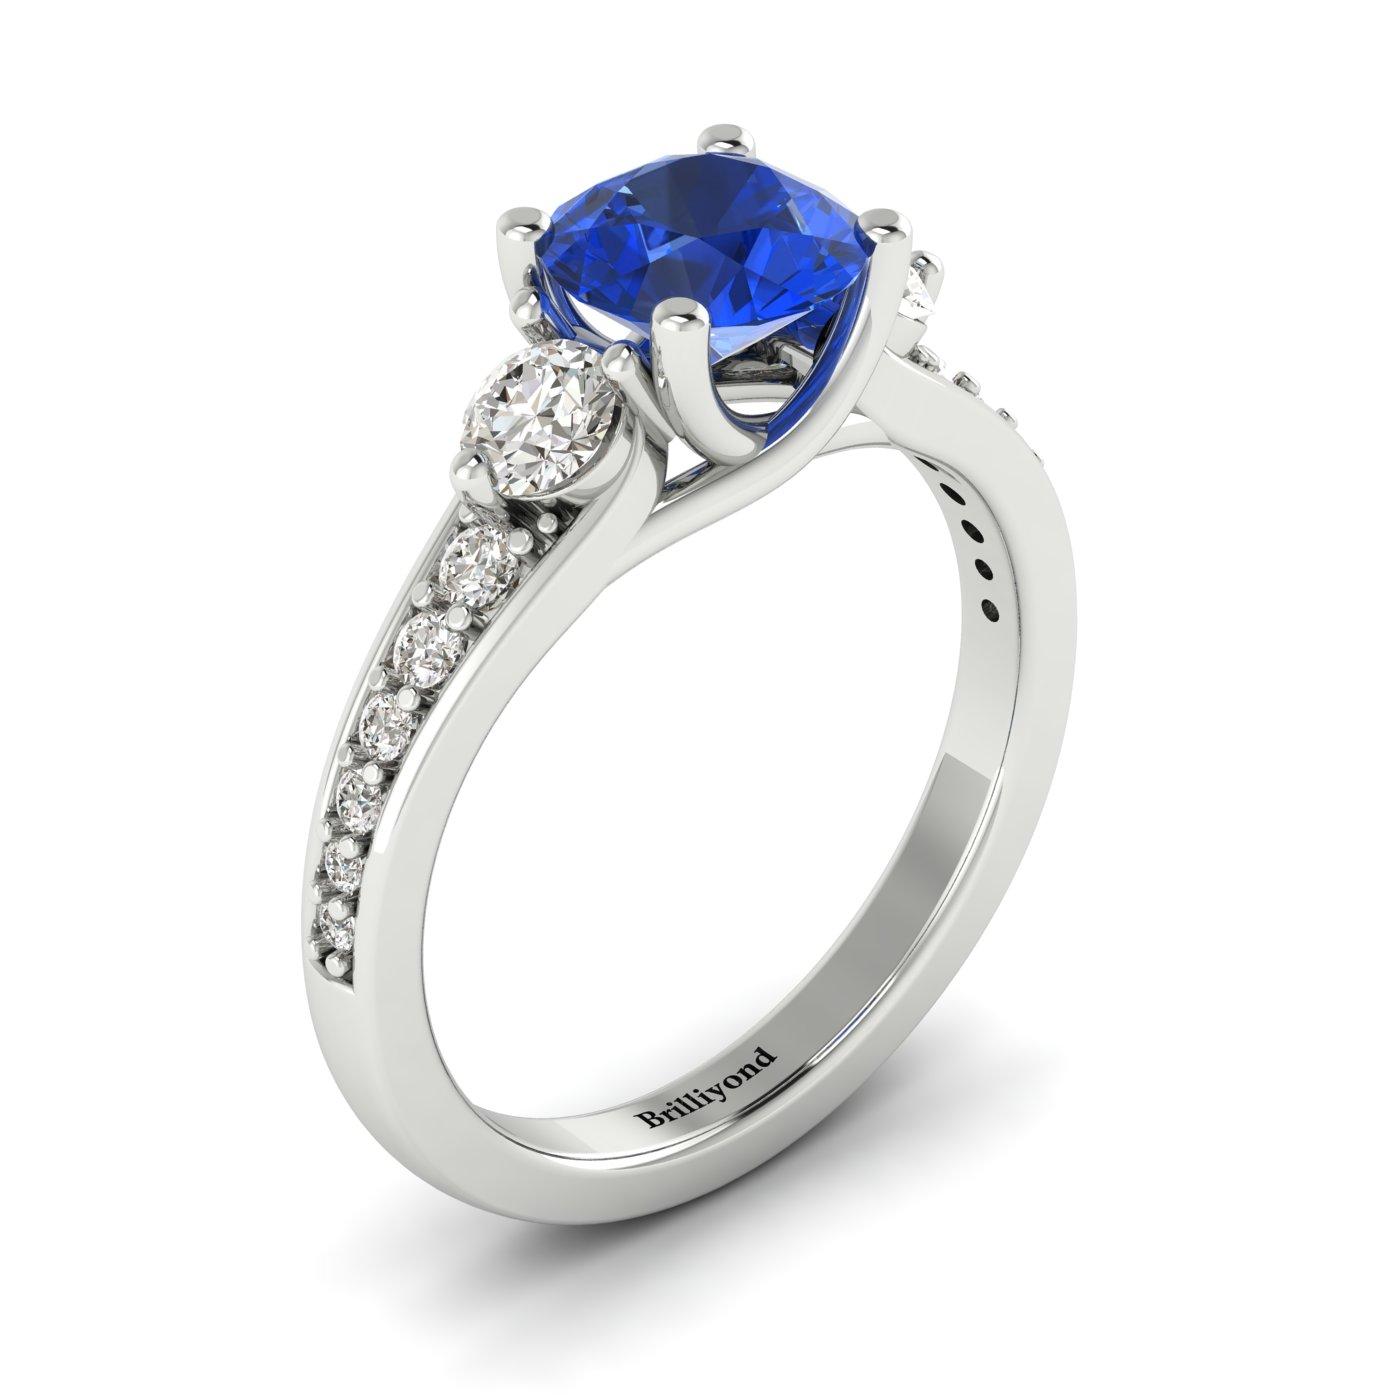 Three Stone Engagement Ring Sorento_image2